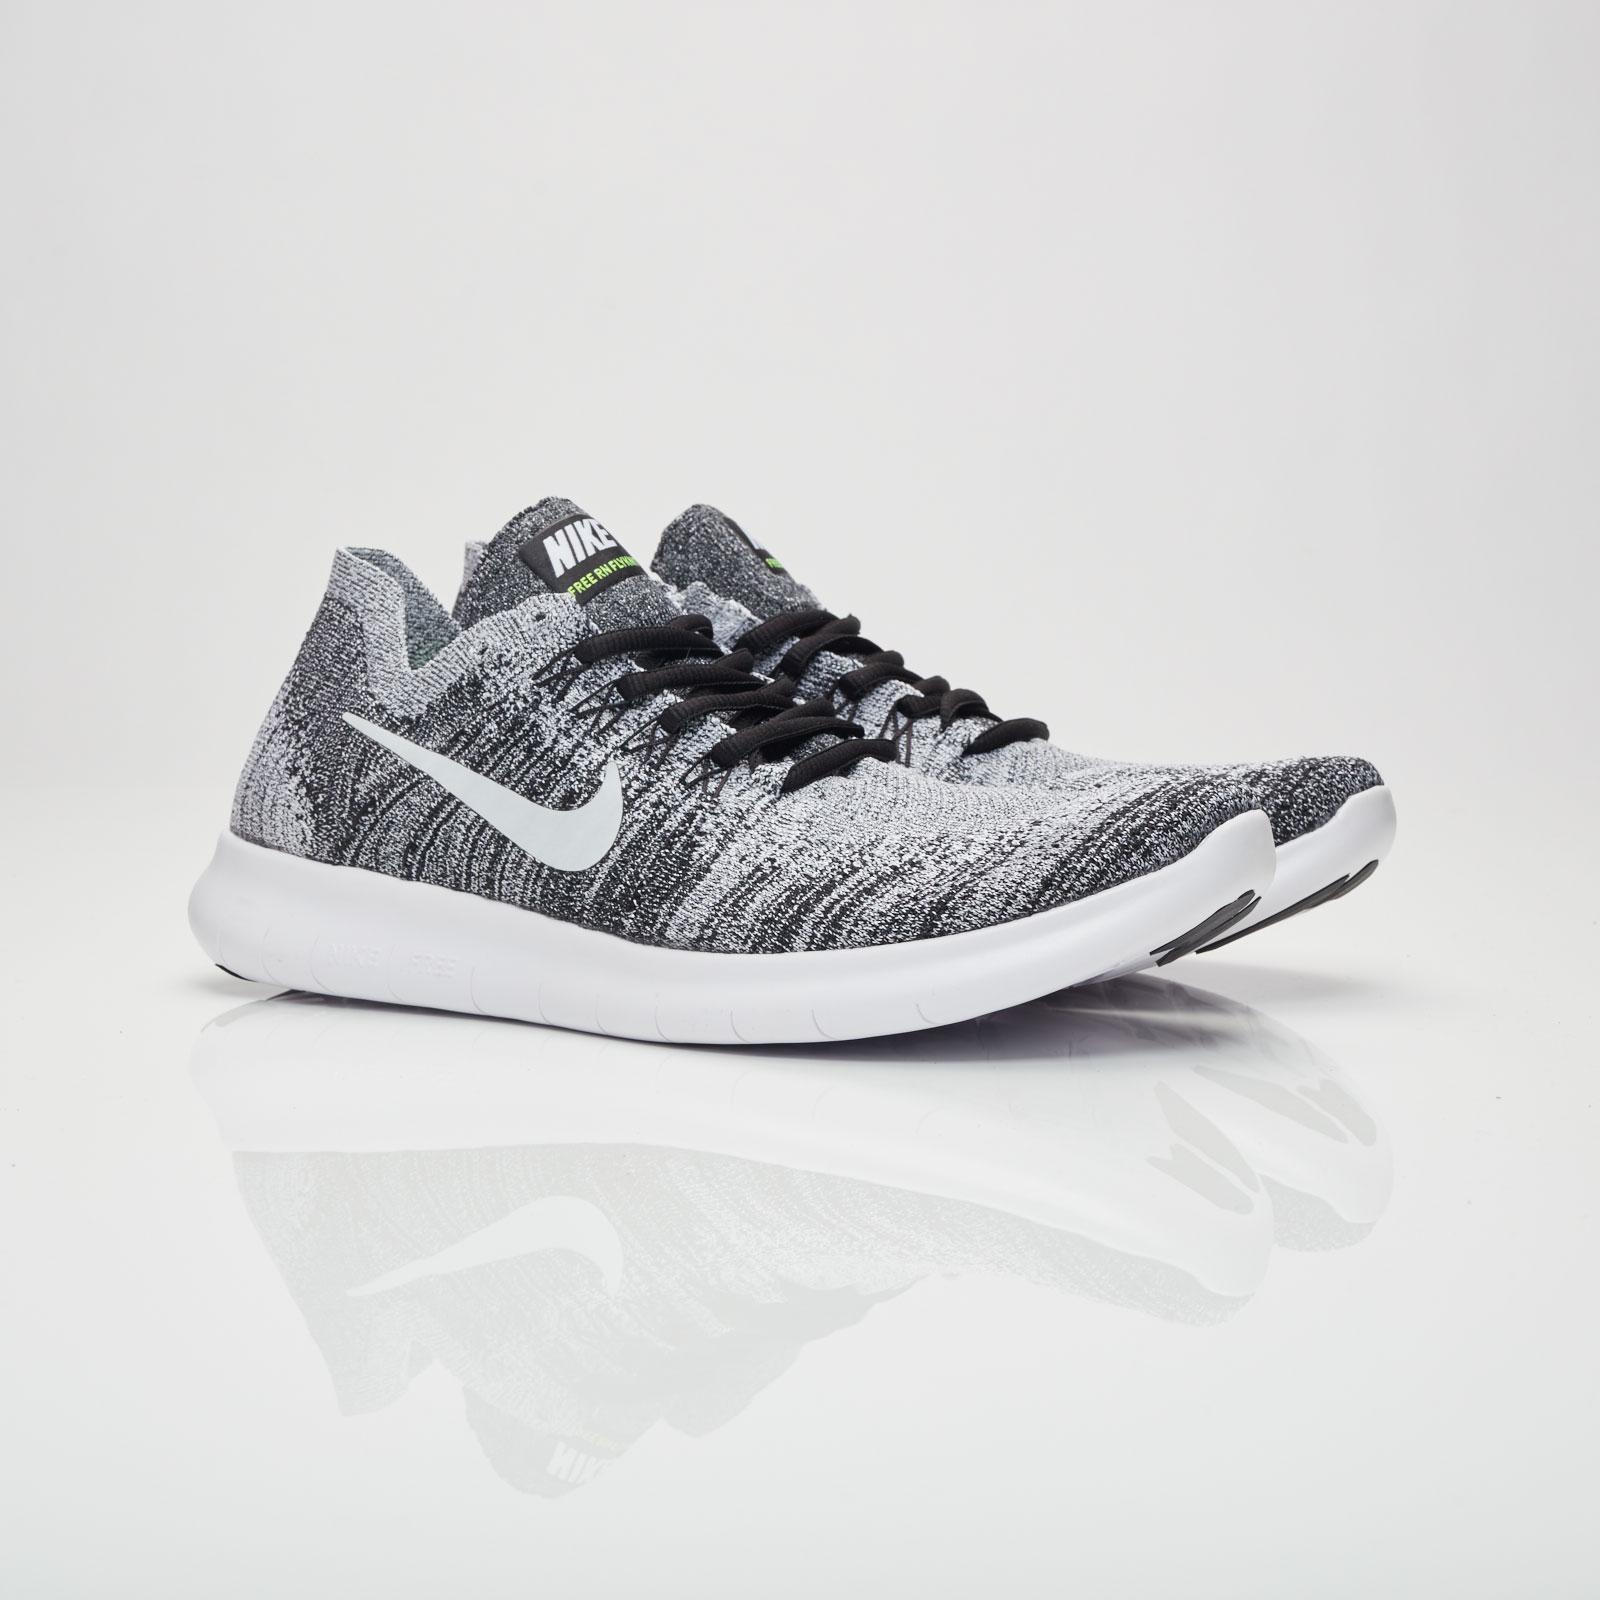 uk availability 28f0c 0a743 Nike Free Rn Flyknit 2017 - 880843-003 - Sneakersnstuff | sneakers ...